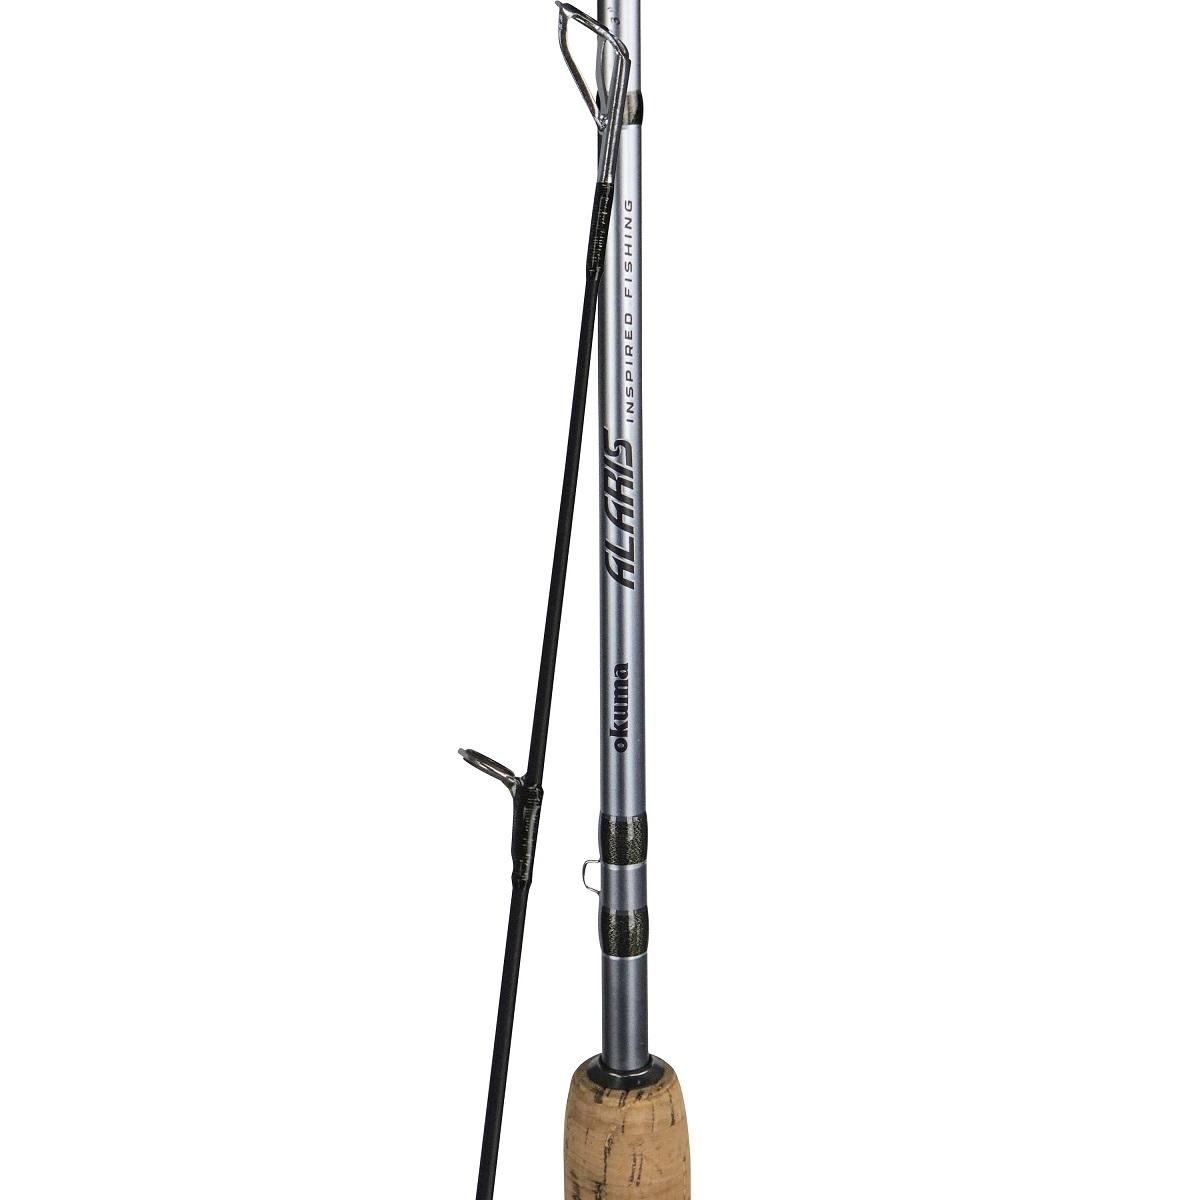 Alaris rod 2018 new okuma fishing rods and reels for Okuma fishing rods